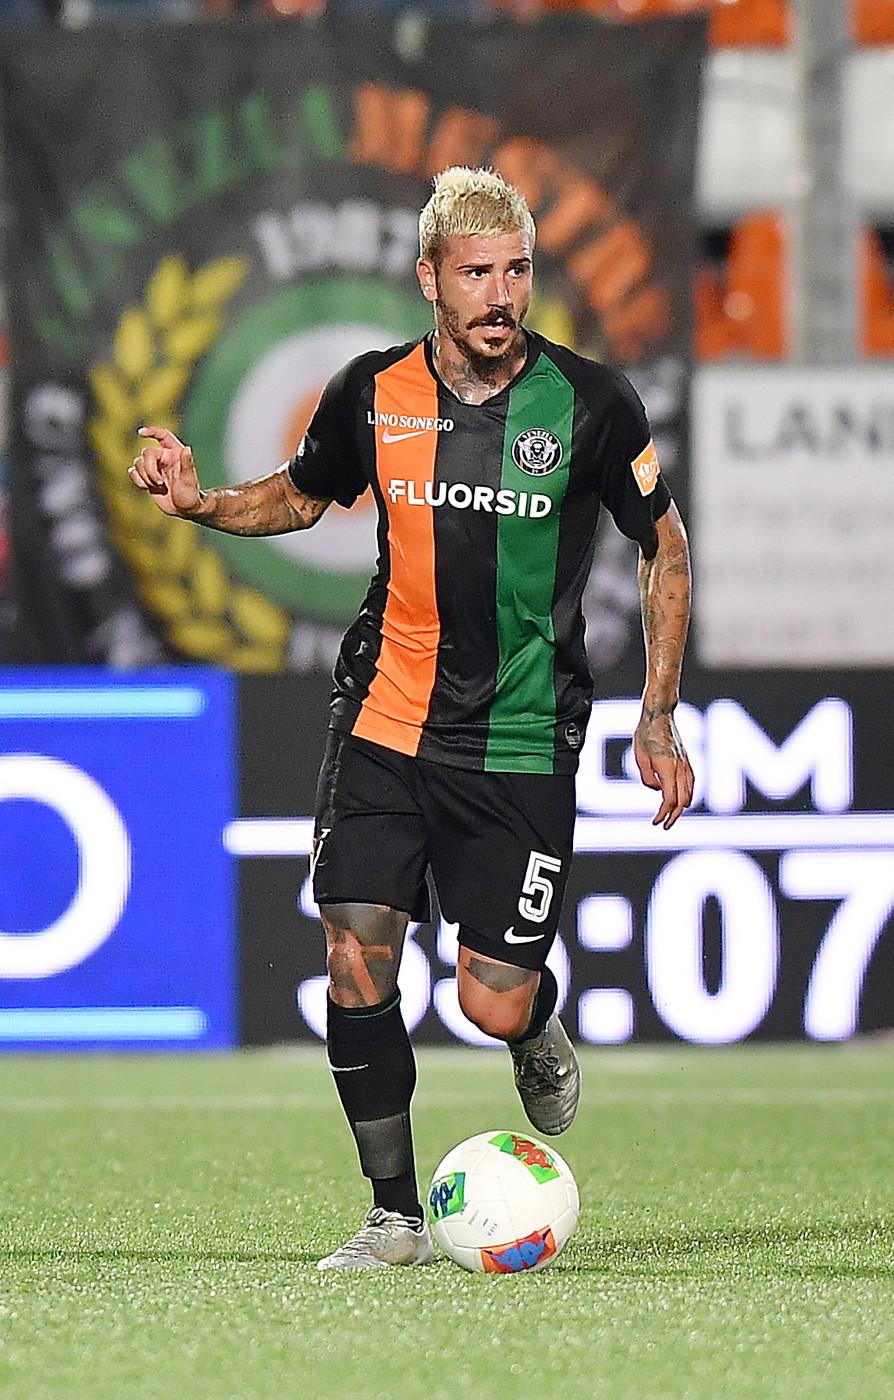 Antonio Junior Vacca (Calcio - Venezia)